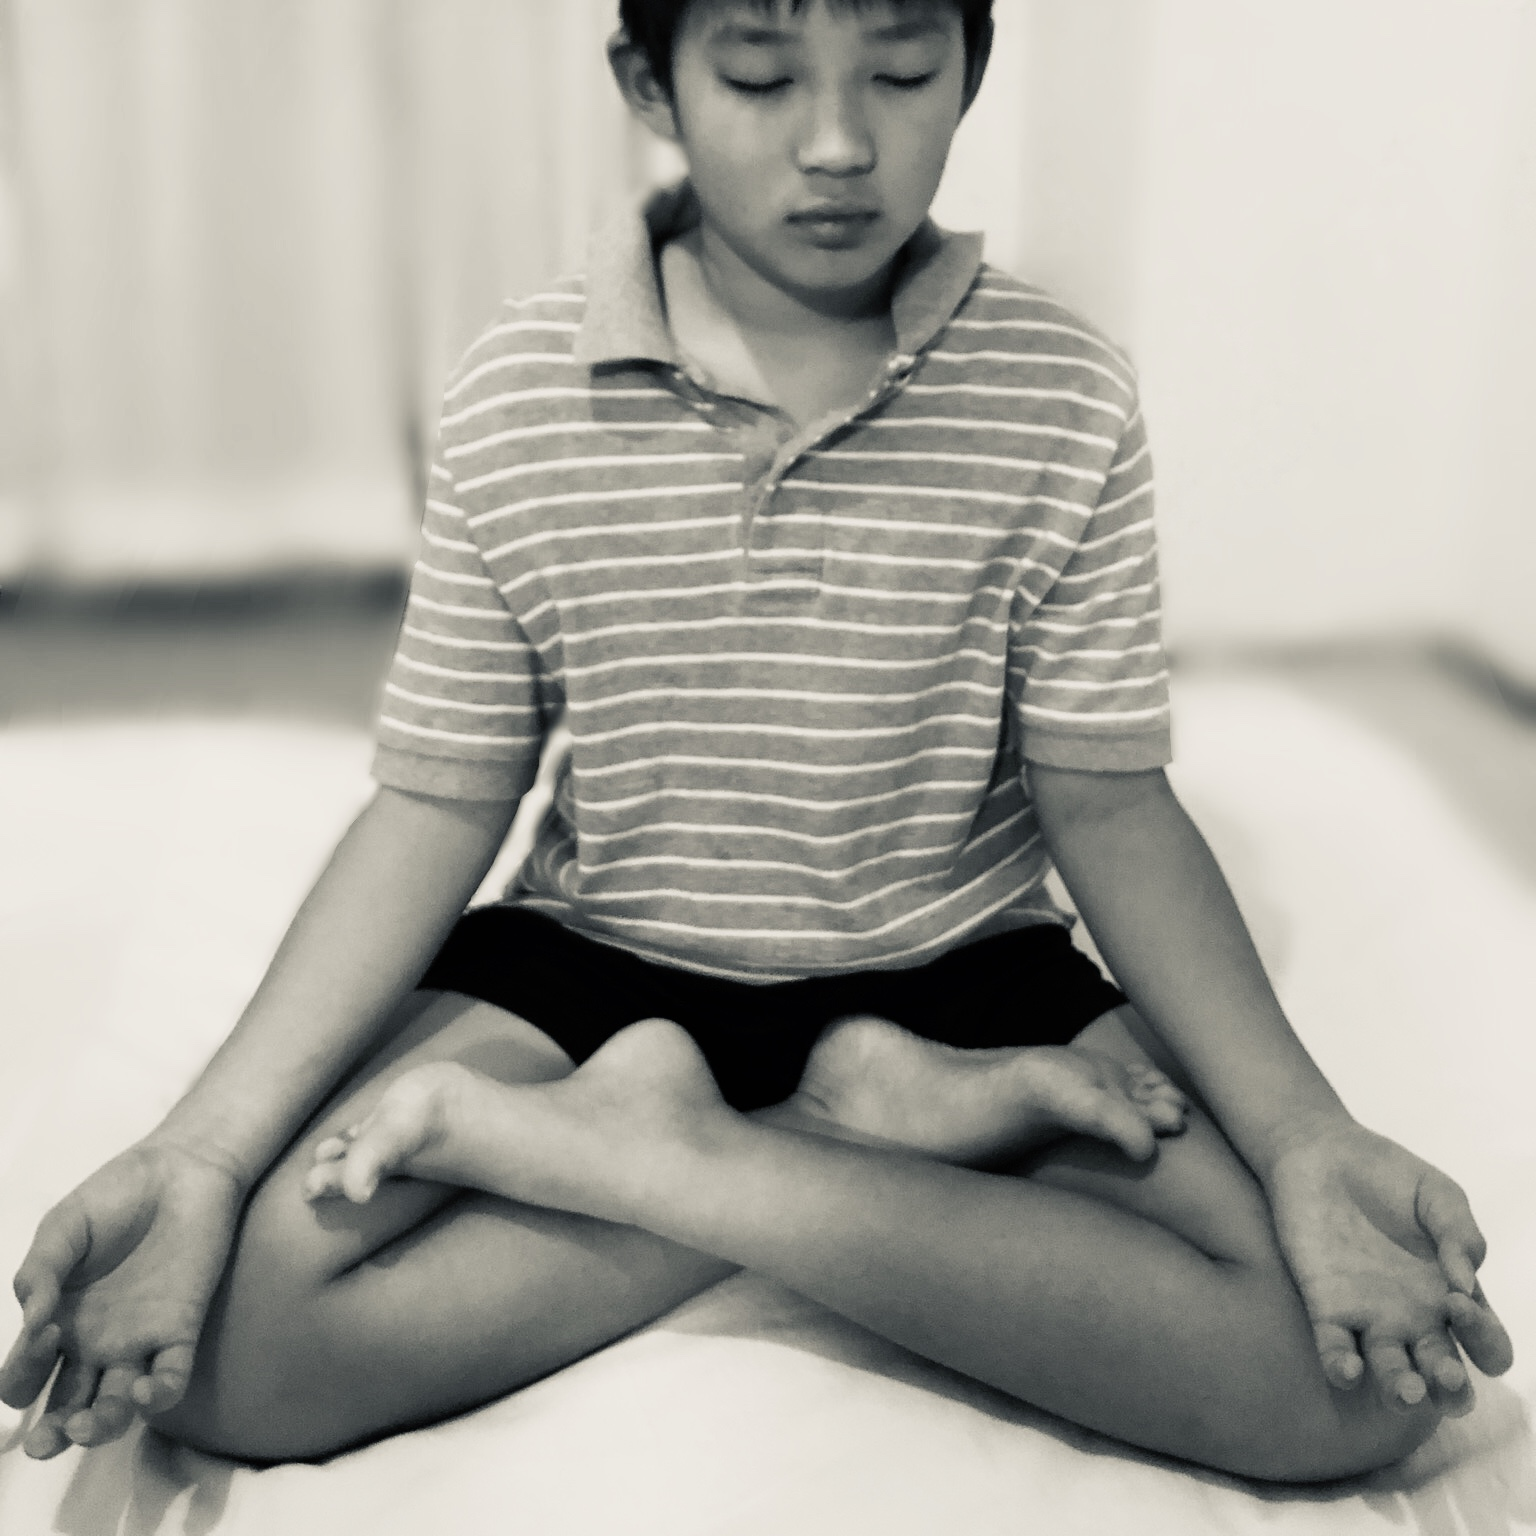 子どもと一緒に瞑想を楽しもう~子どもの瞑想のメリットと方法~